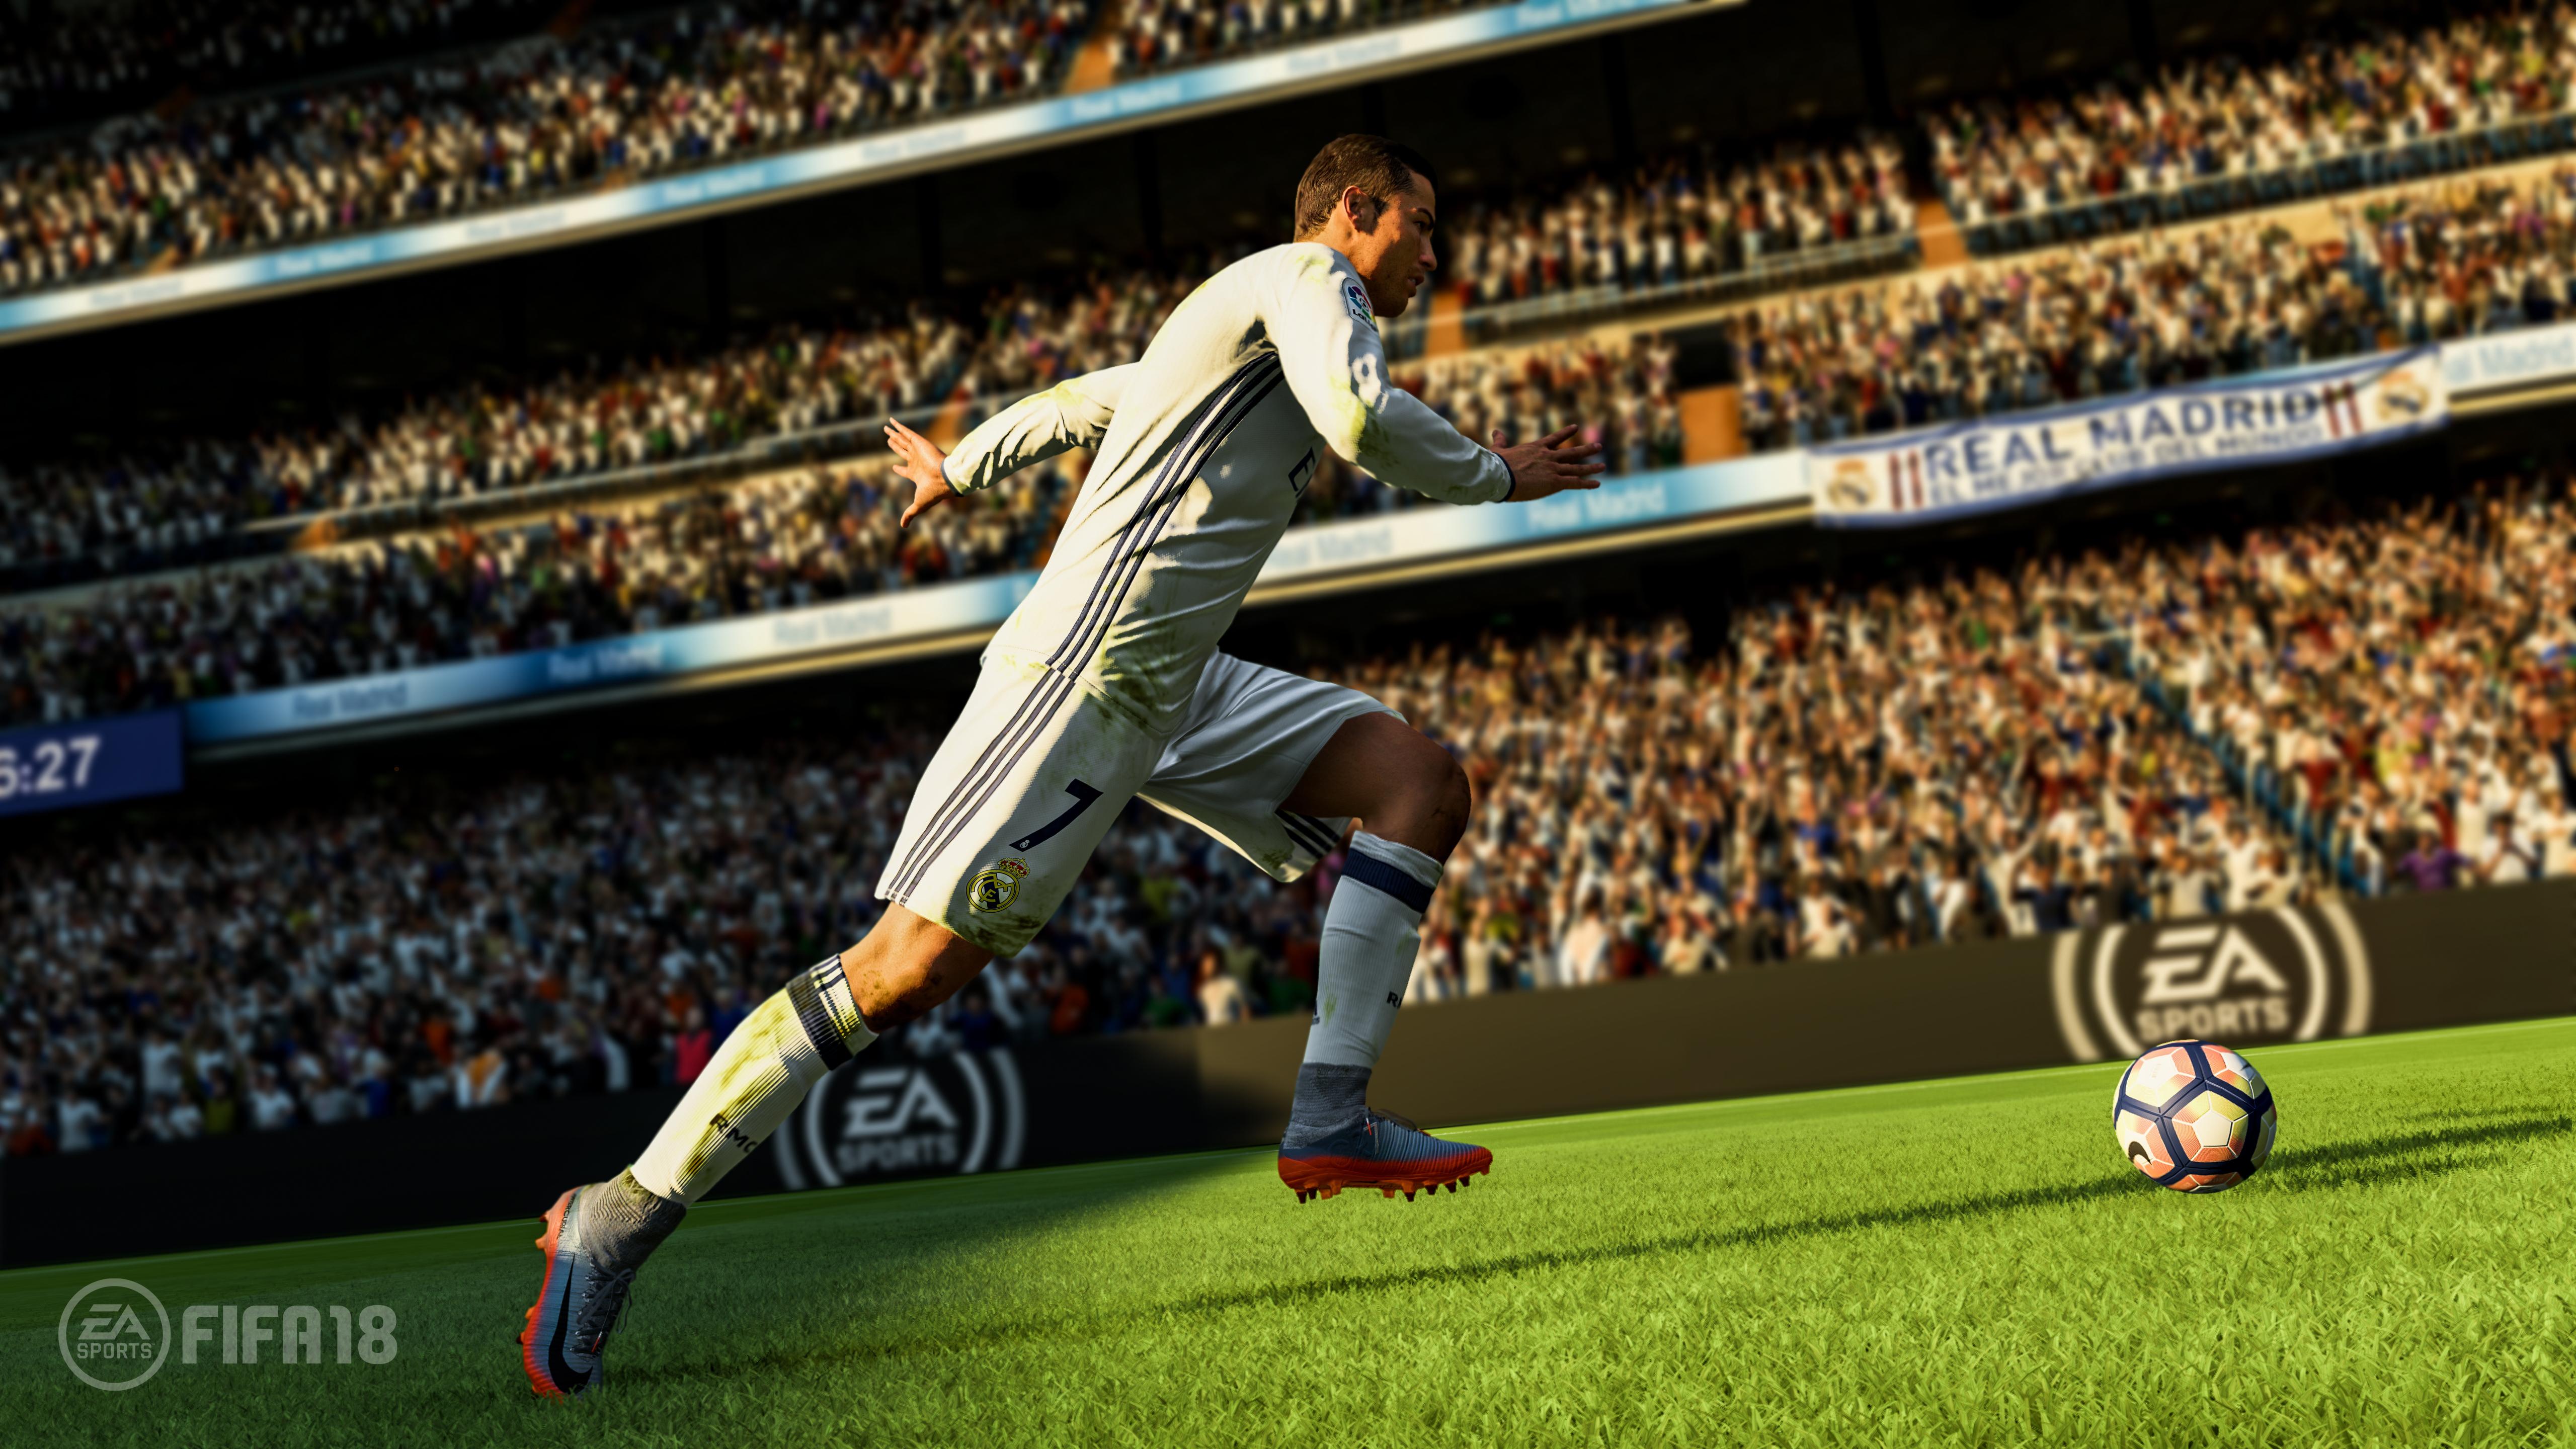 Cristiano Ronaldo in FIFA 18